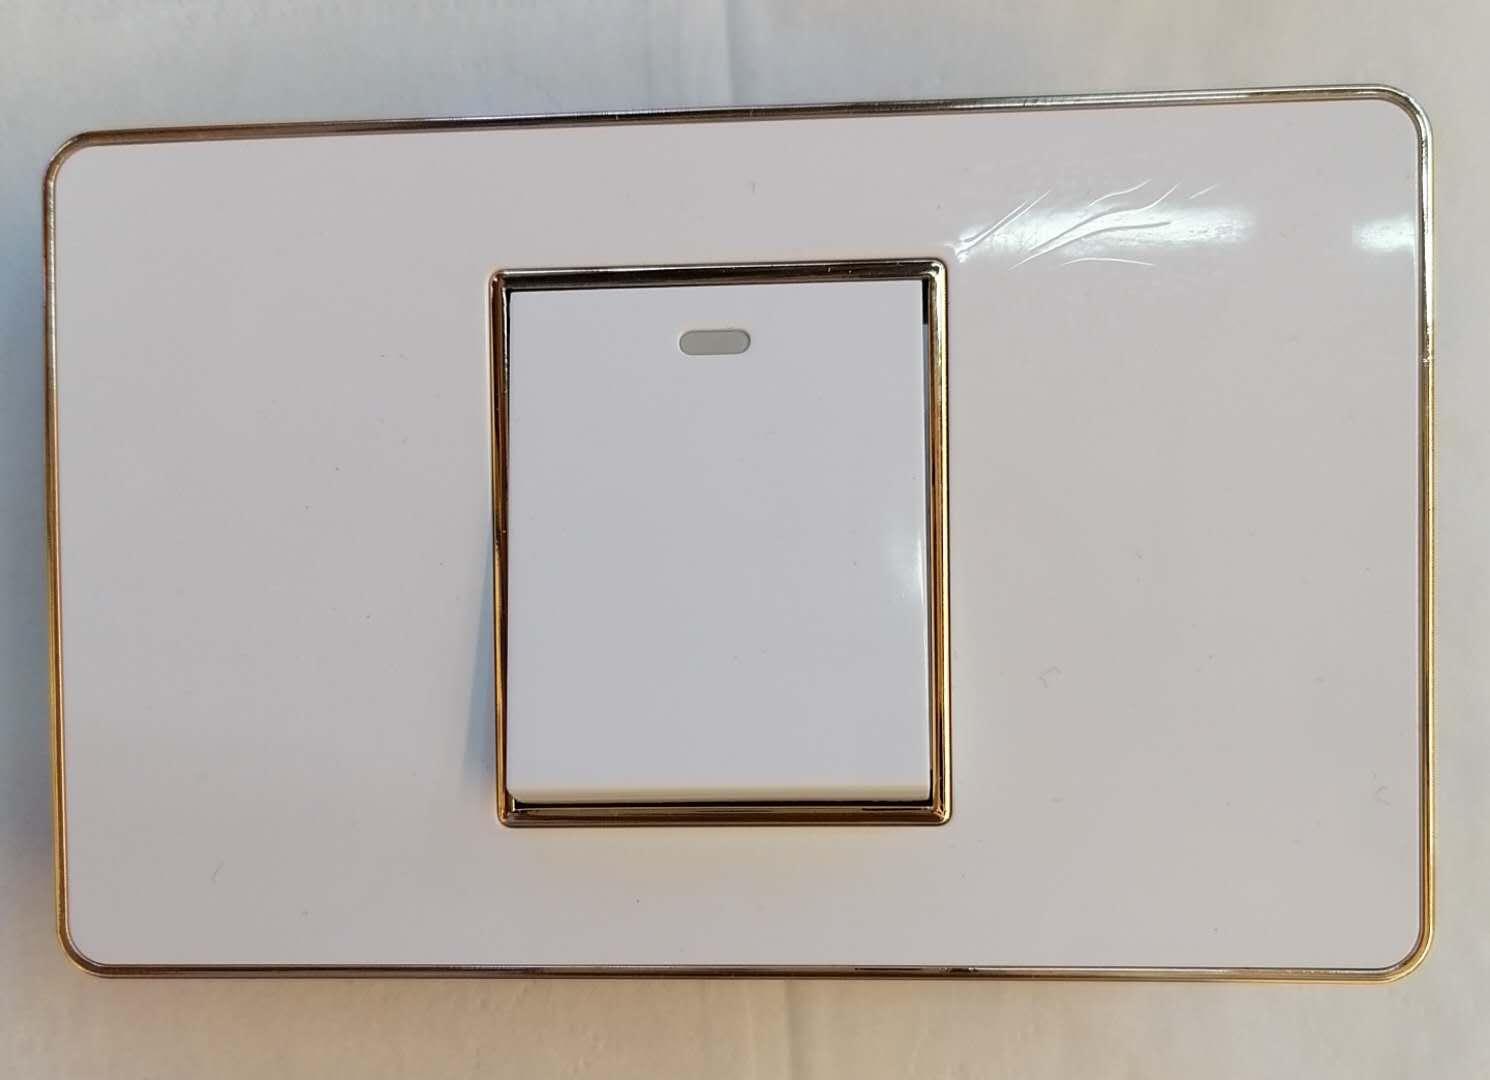 开关插座开关面板家用墙壁式电源插座面板多孔空调插座墙壁